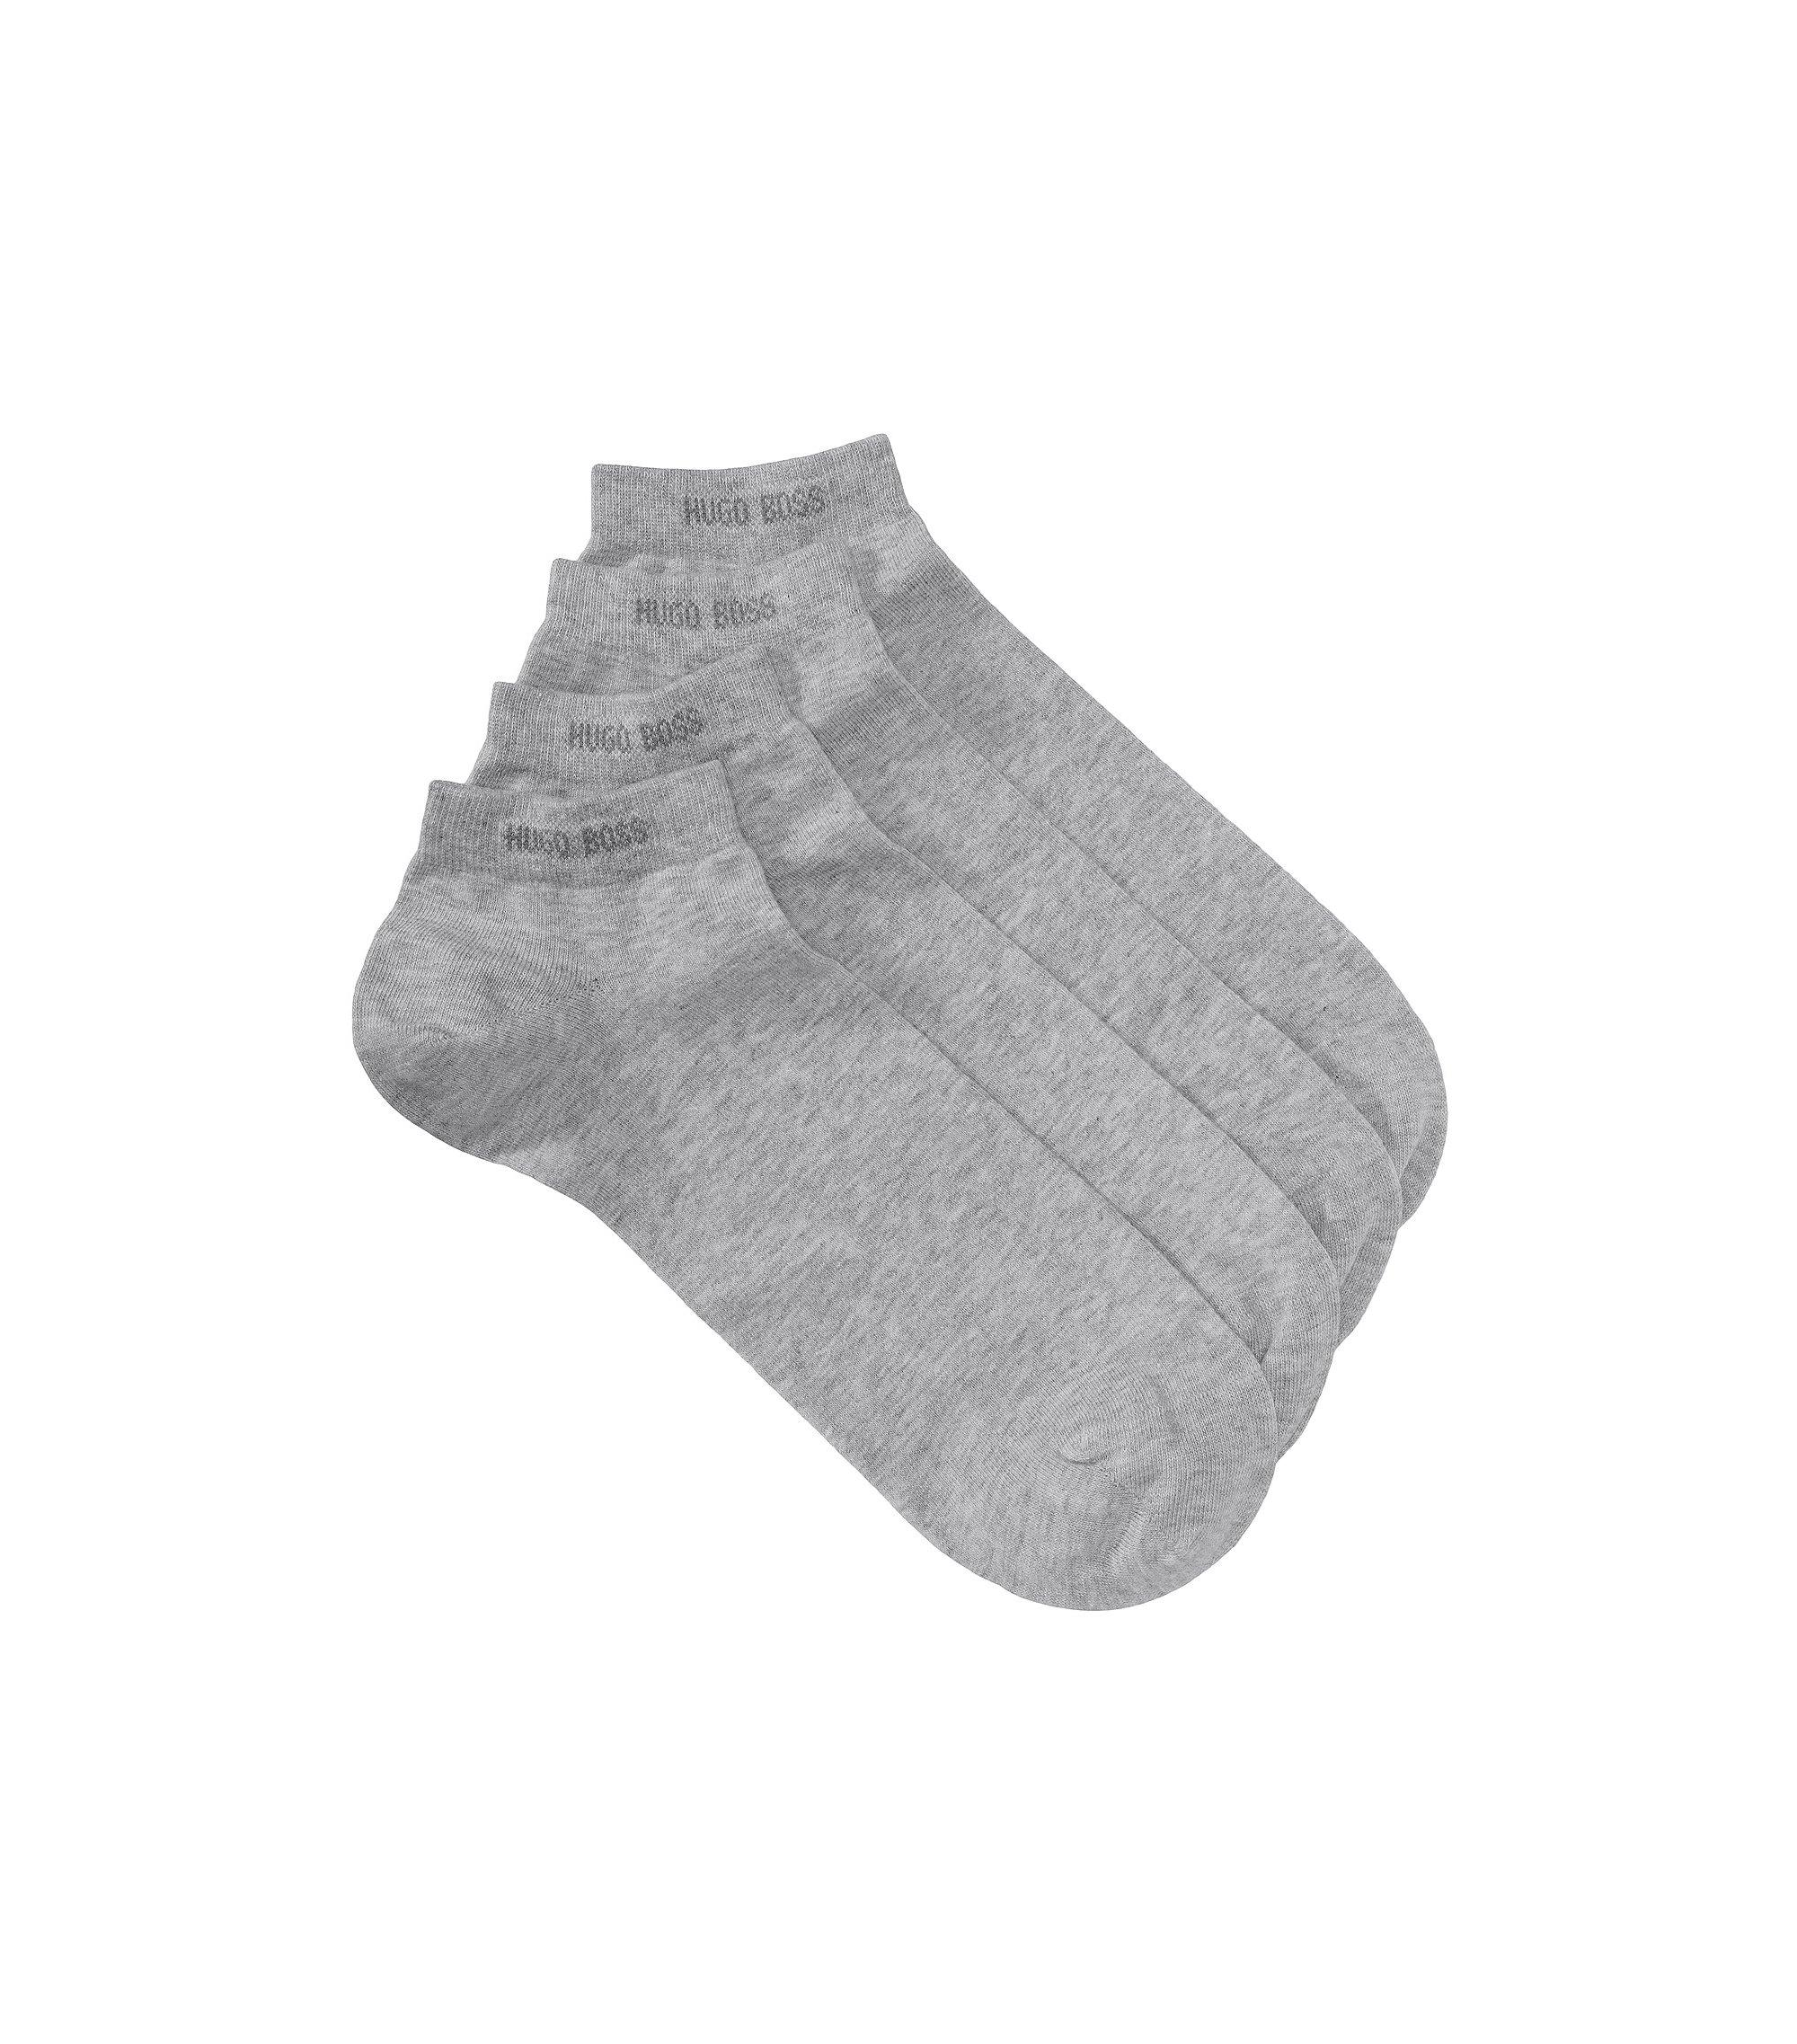 Doppelpack Sneaker-Socken aus elastischem Baumwoll-Mix, Silber